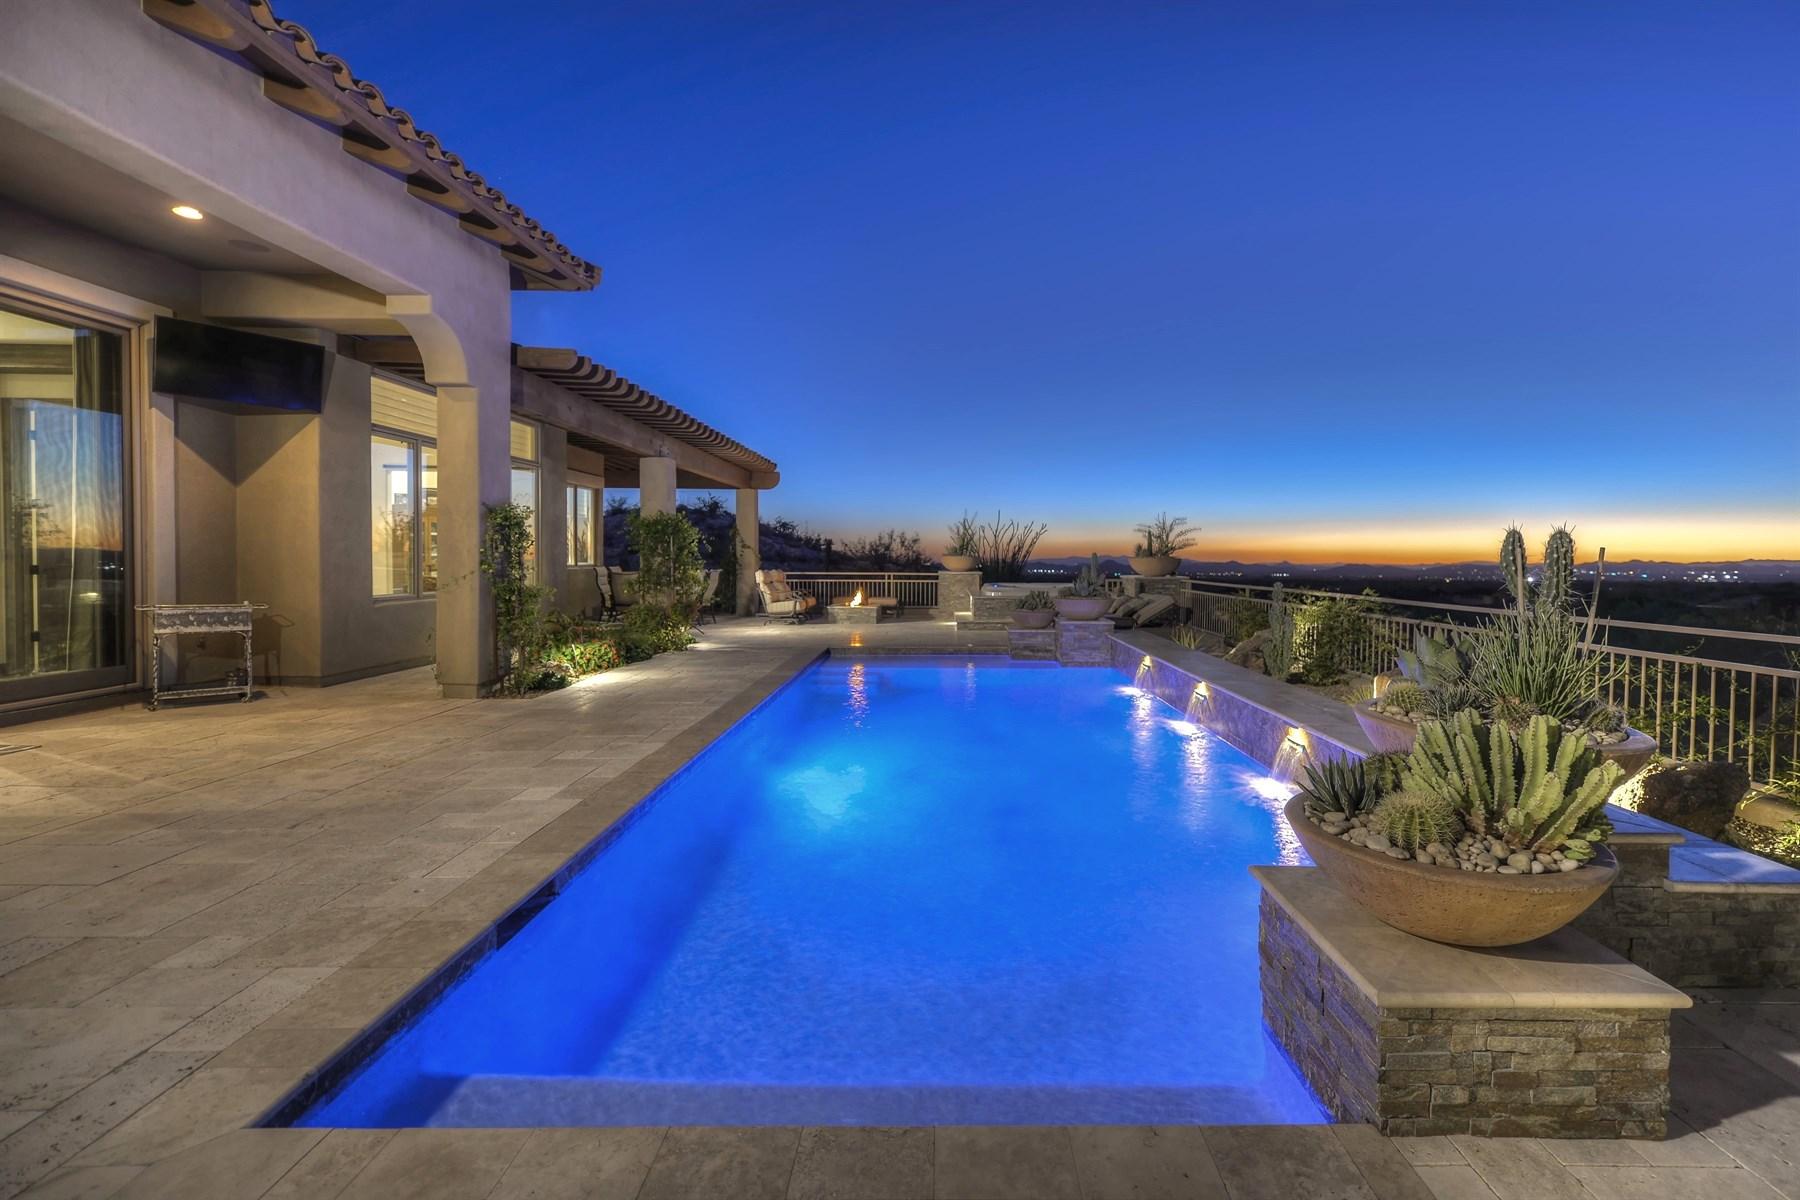 獨棟家庭住宅 為 出售 在 Private Spanish Colonial masterpiece built by Fisher Custom Homes. 9820 E THOMPSON PEAK PKWY 502 Scottsdale, 亞利桑那州, 85255 美國